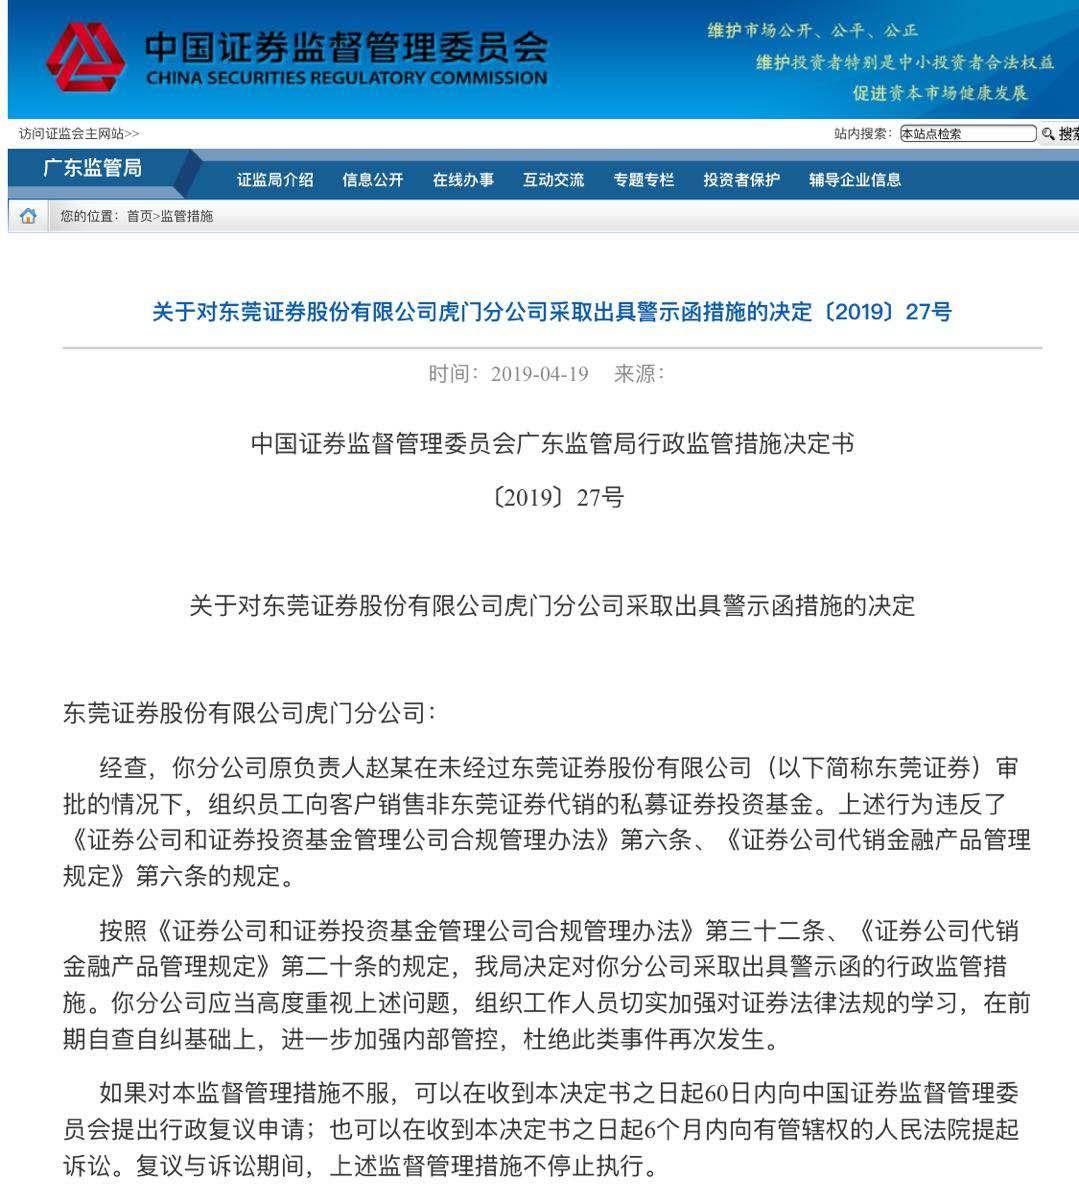 东莞证券又收罚单 违规代销私募基金 IPO排队未重启